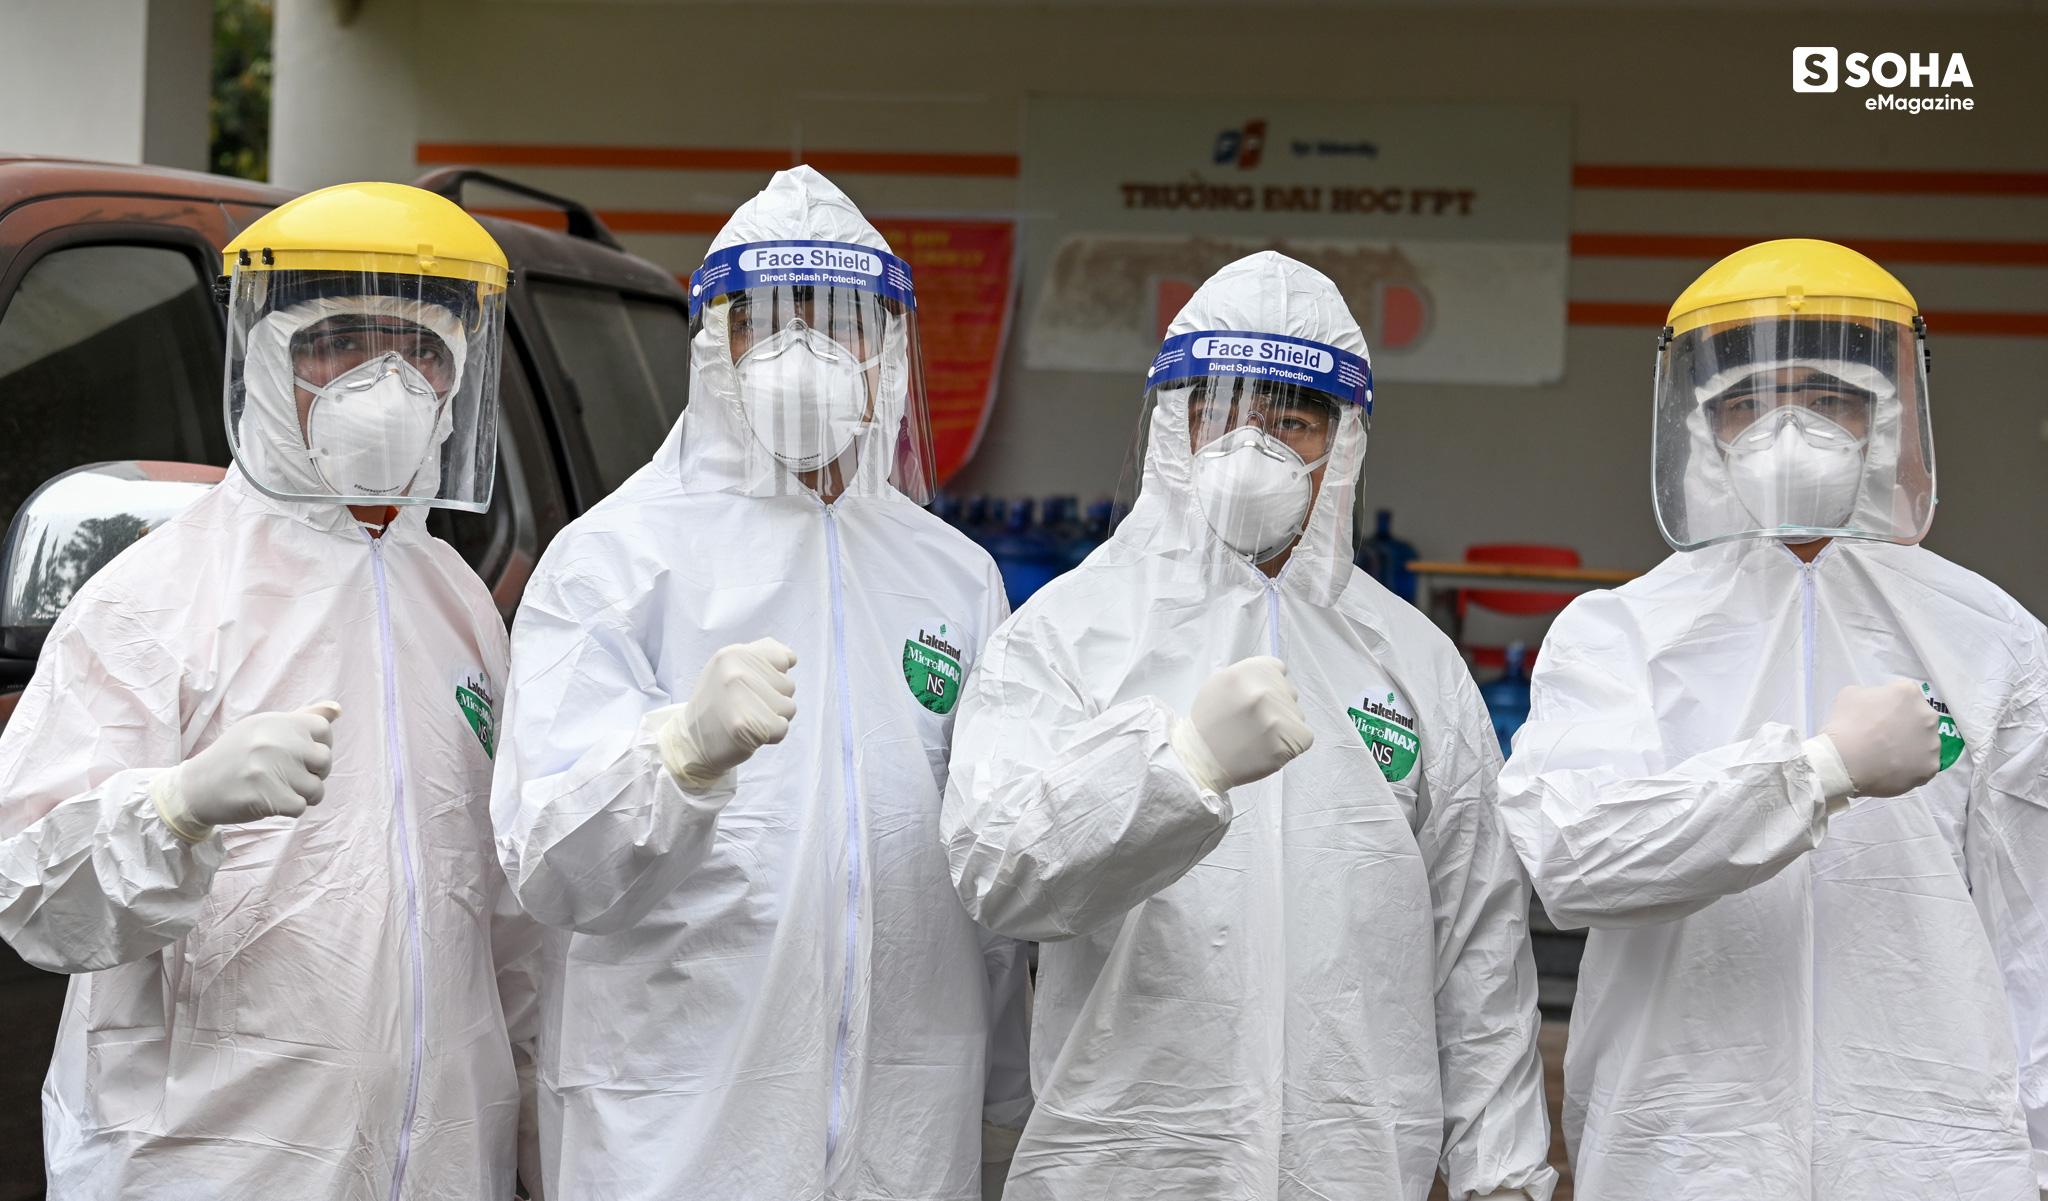 Ngứa không được gãi, khát không được uống, vệ sinh không được đi, họ là 500 thợ săn virus ở CDC lớn nhất Việt Nam - Ảnh 23.